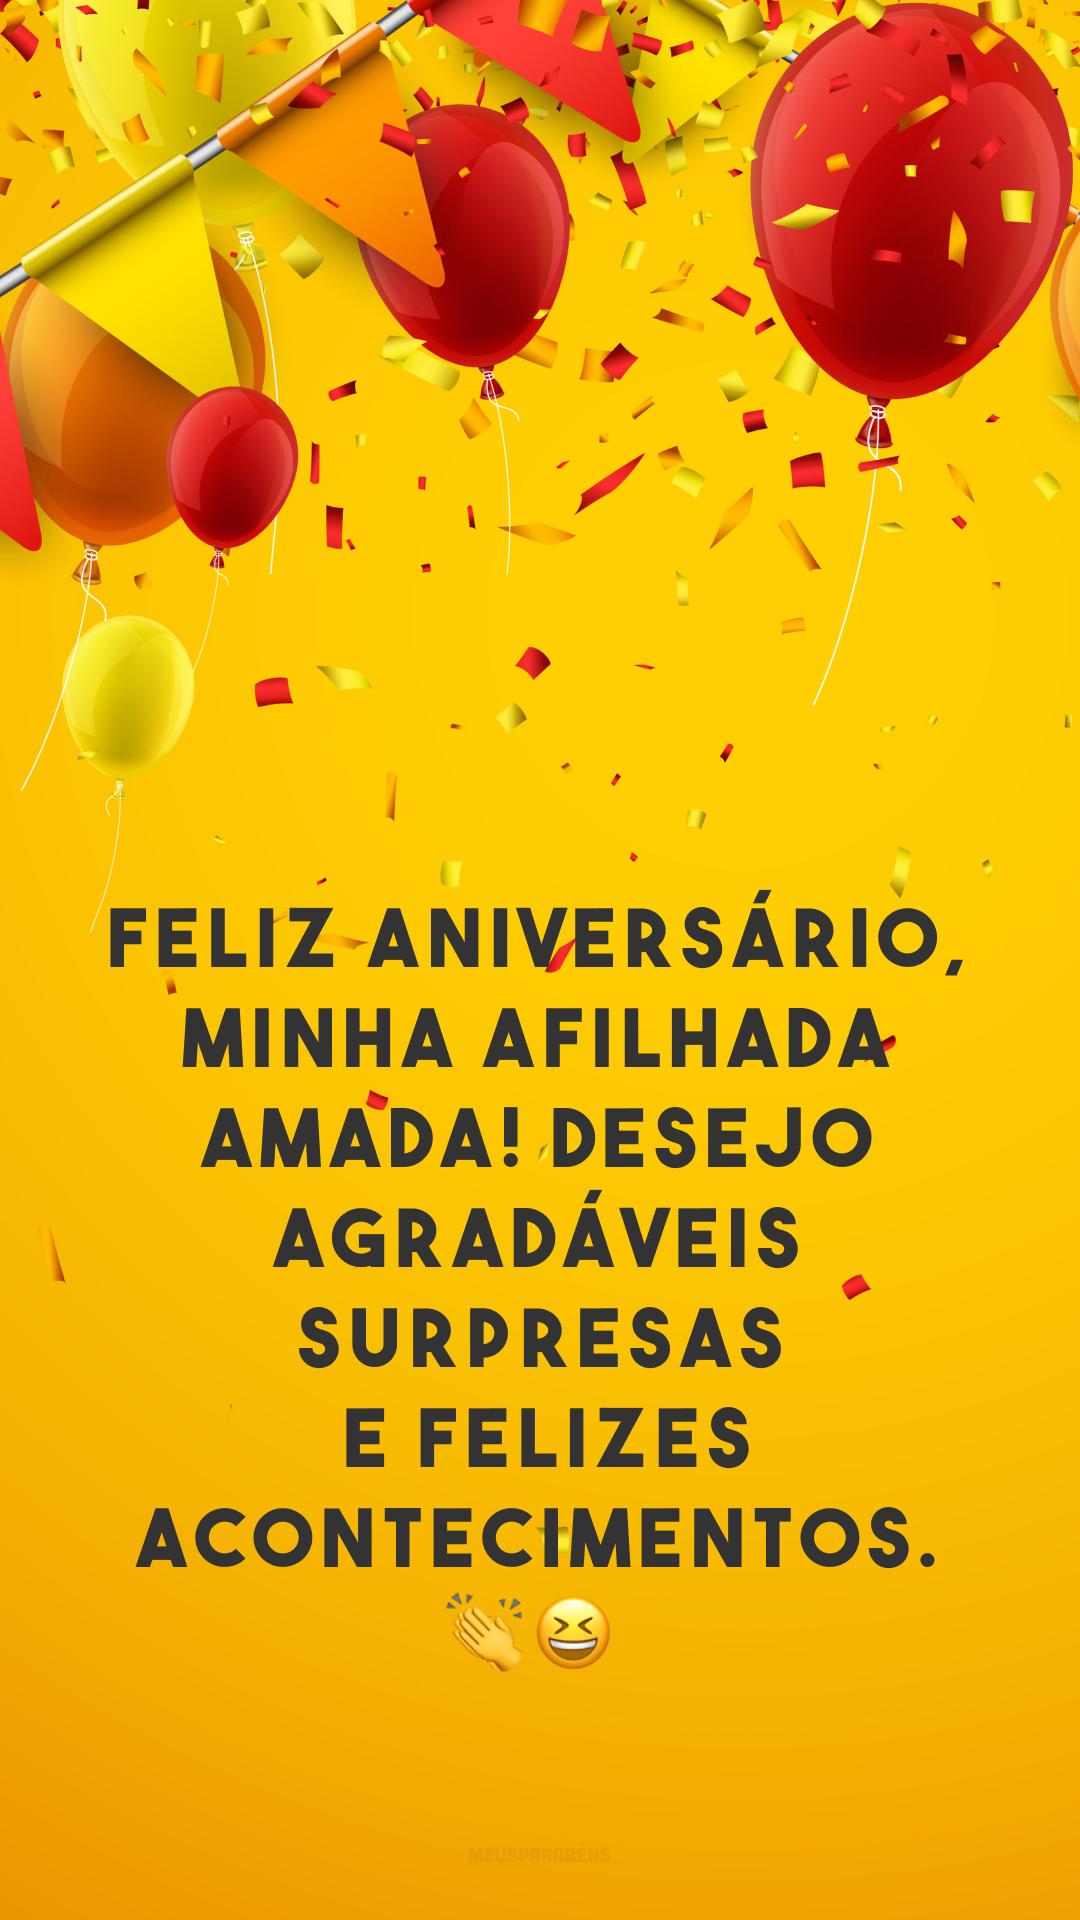 Feliz aniversário, minha afilhada amada! Desejo agradáveis surpresas e felizes acontecimentos. ??